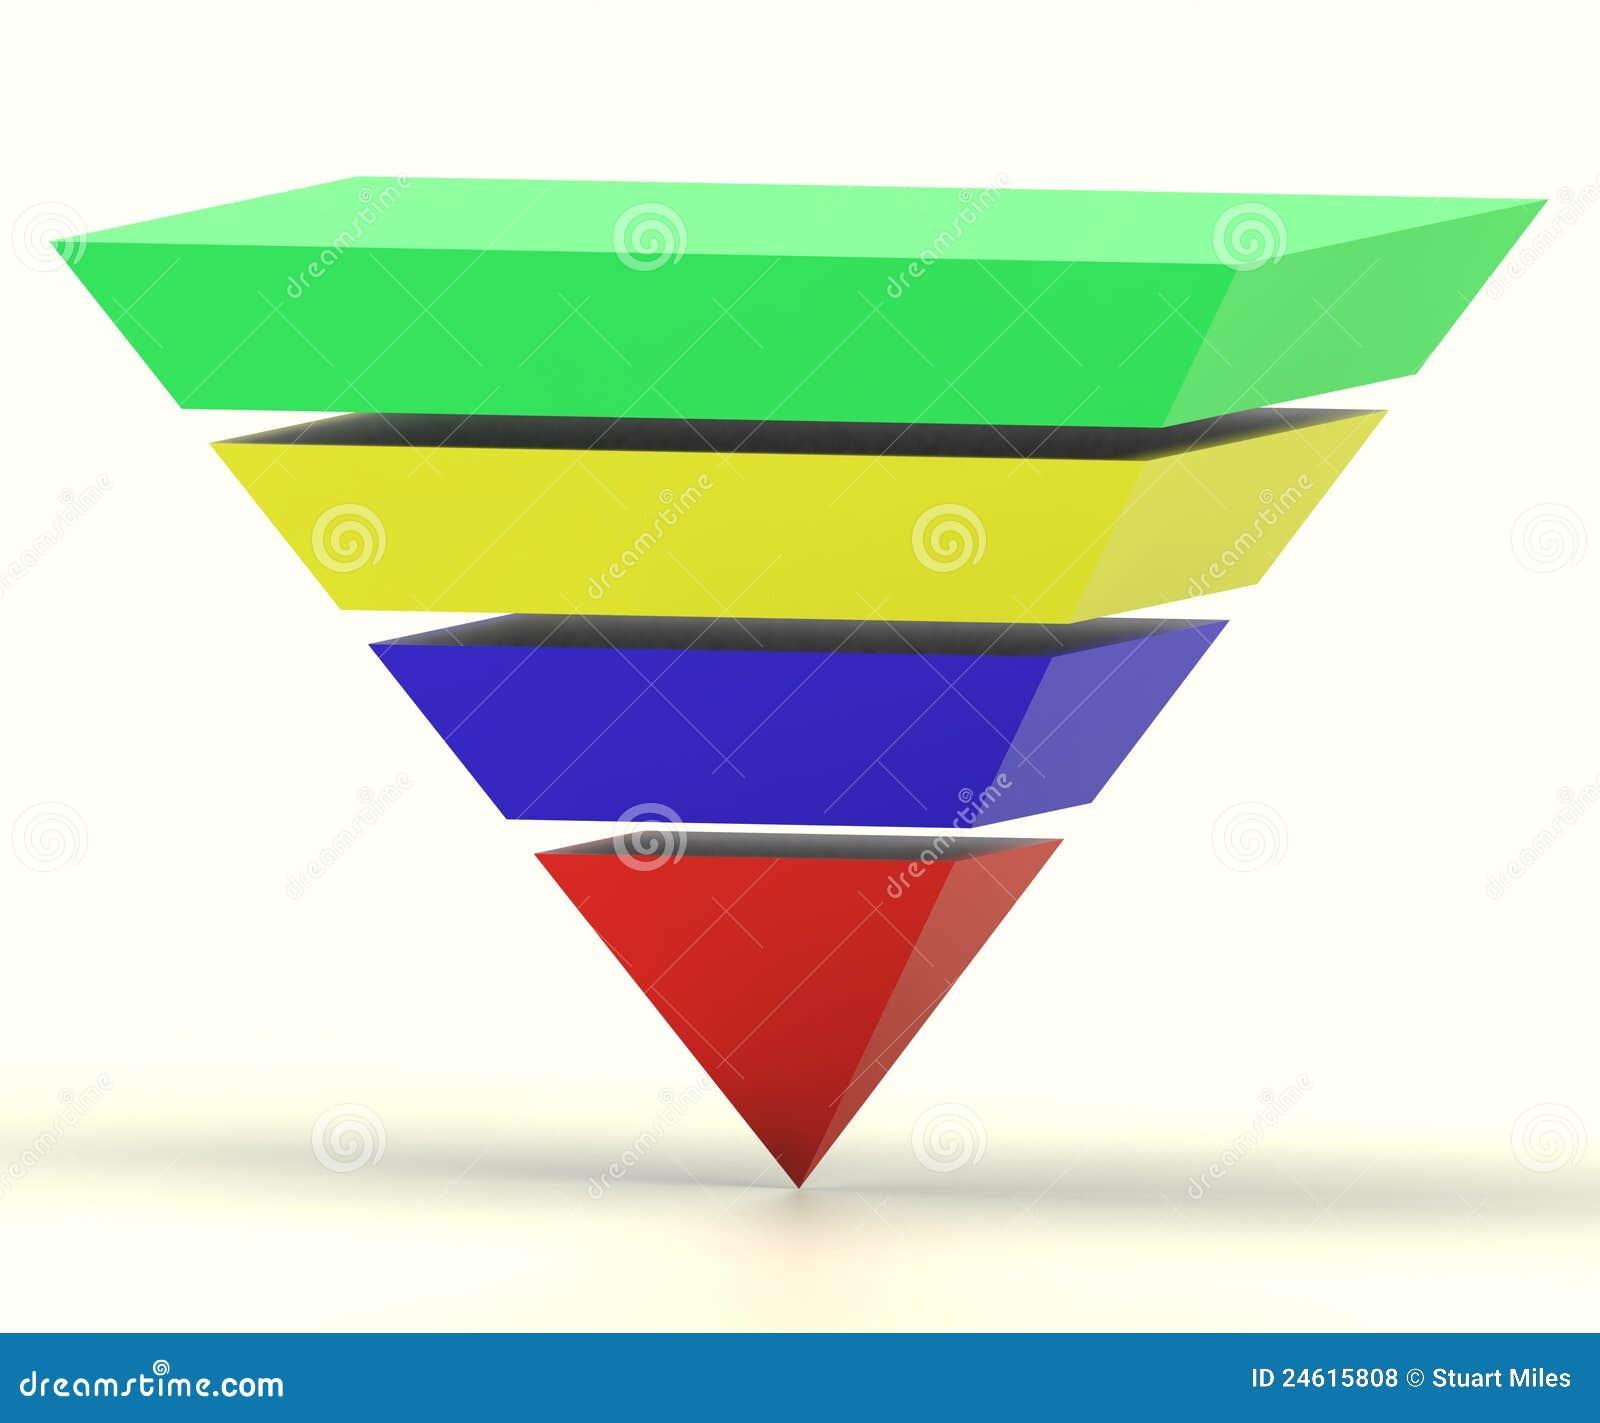 与细分市场显示层次结构的被倒置的金字塔